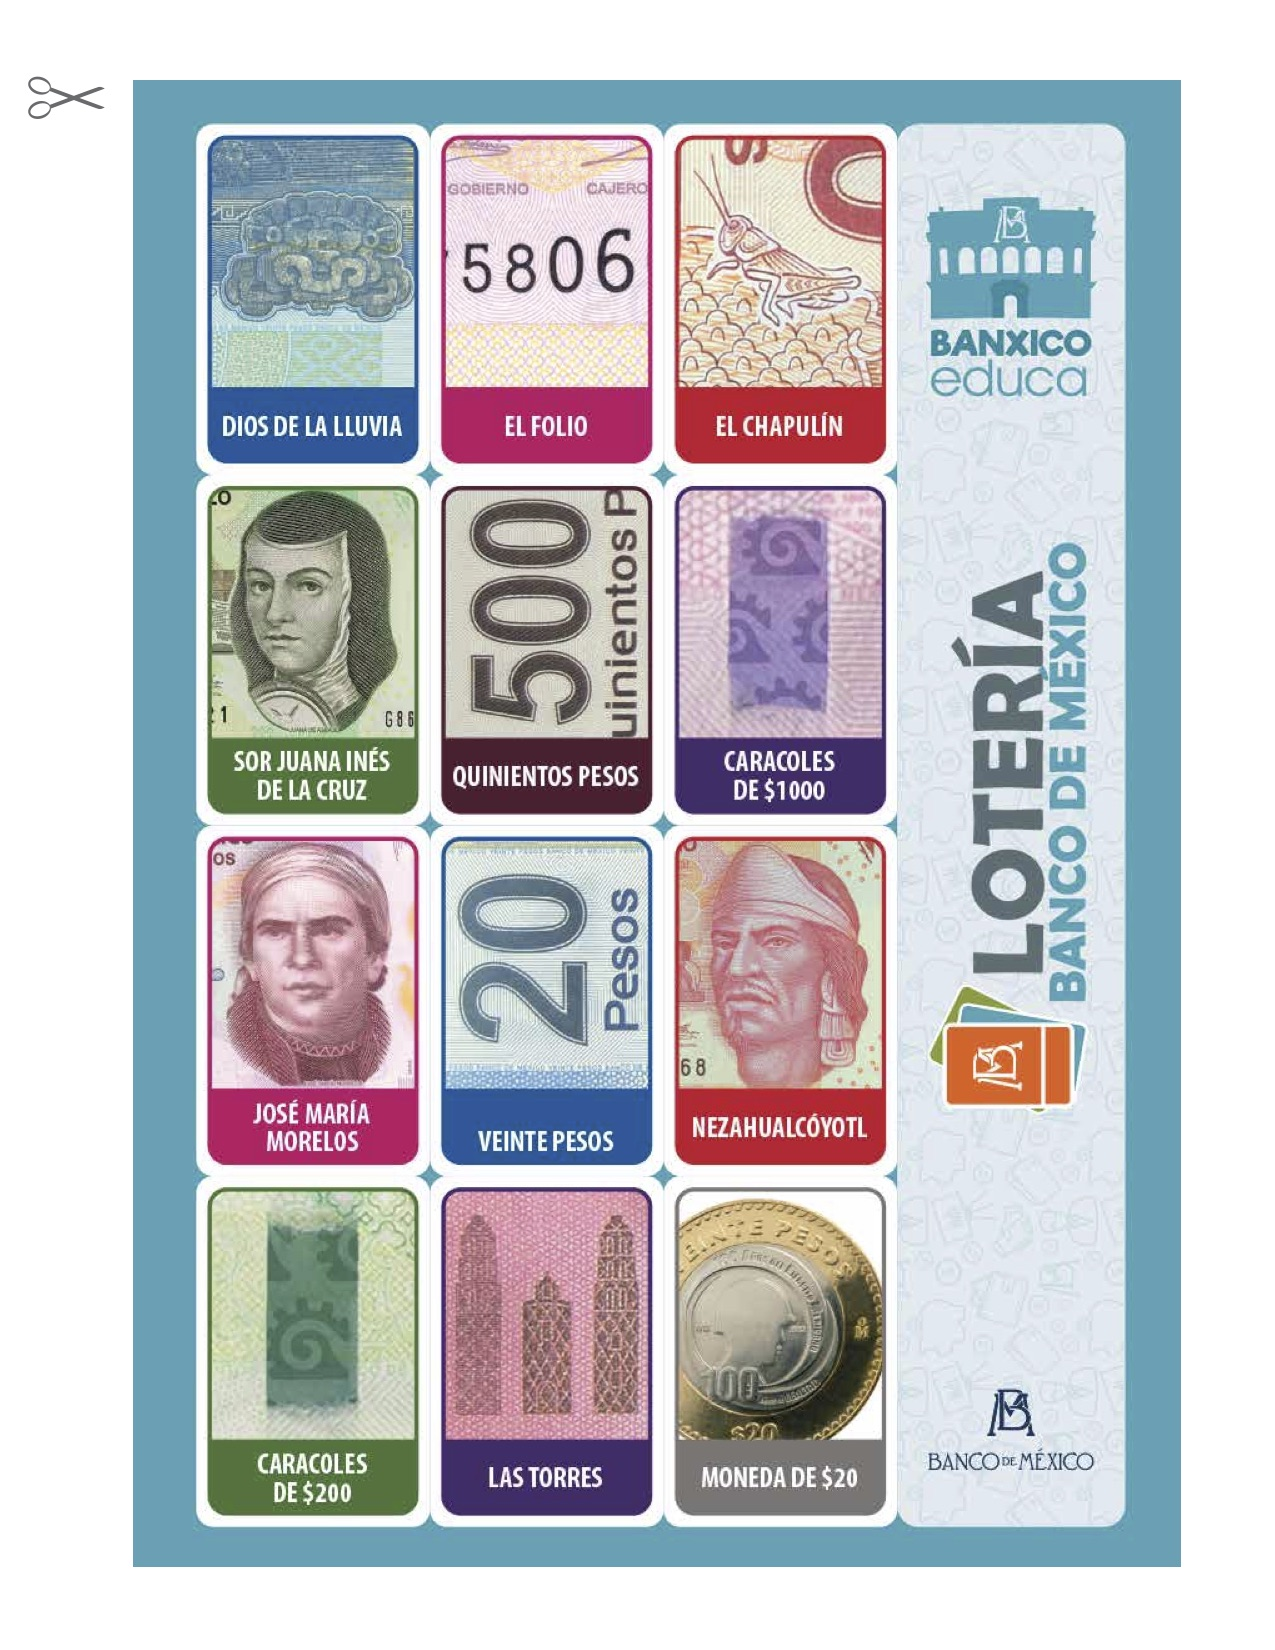 Antes de que los nuevos billetes mexicanos salgan, Banxico pone a disposición una lotería con los detalles de los antiguos diseños del dinero.